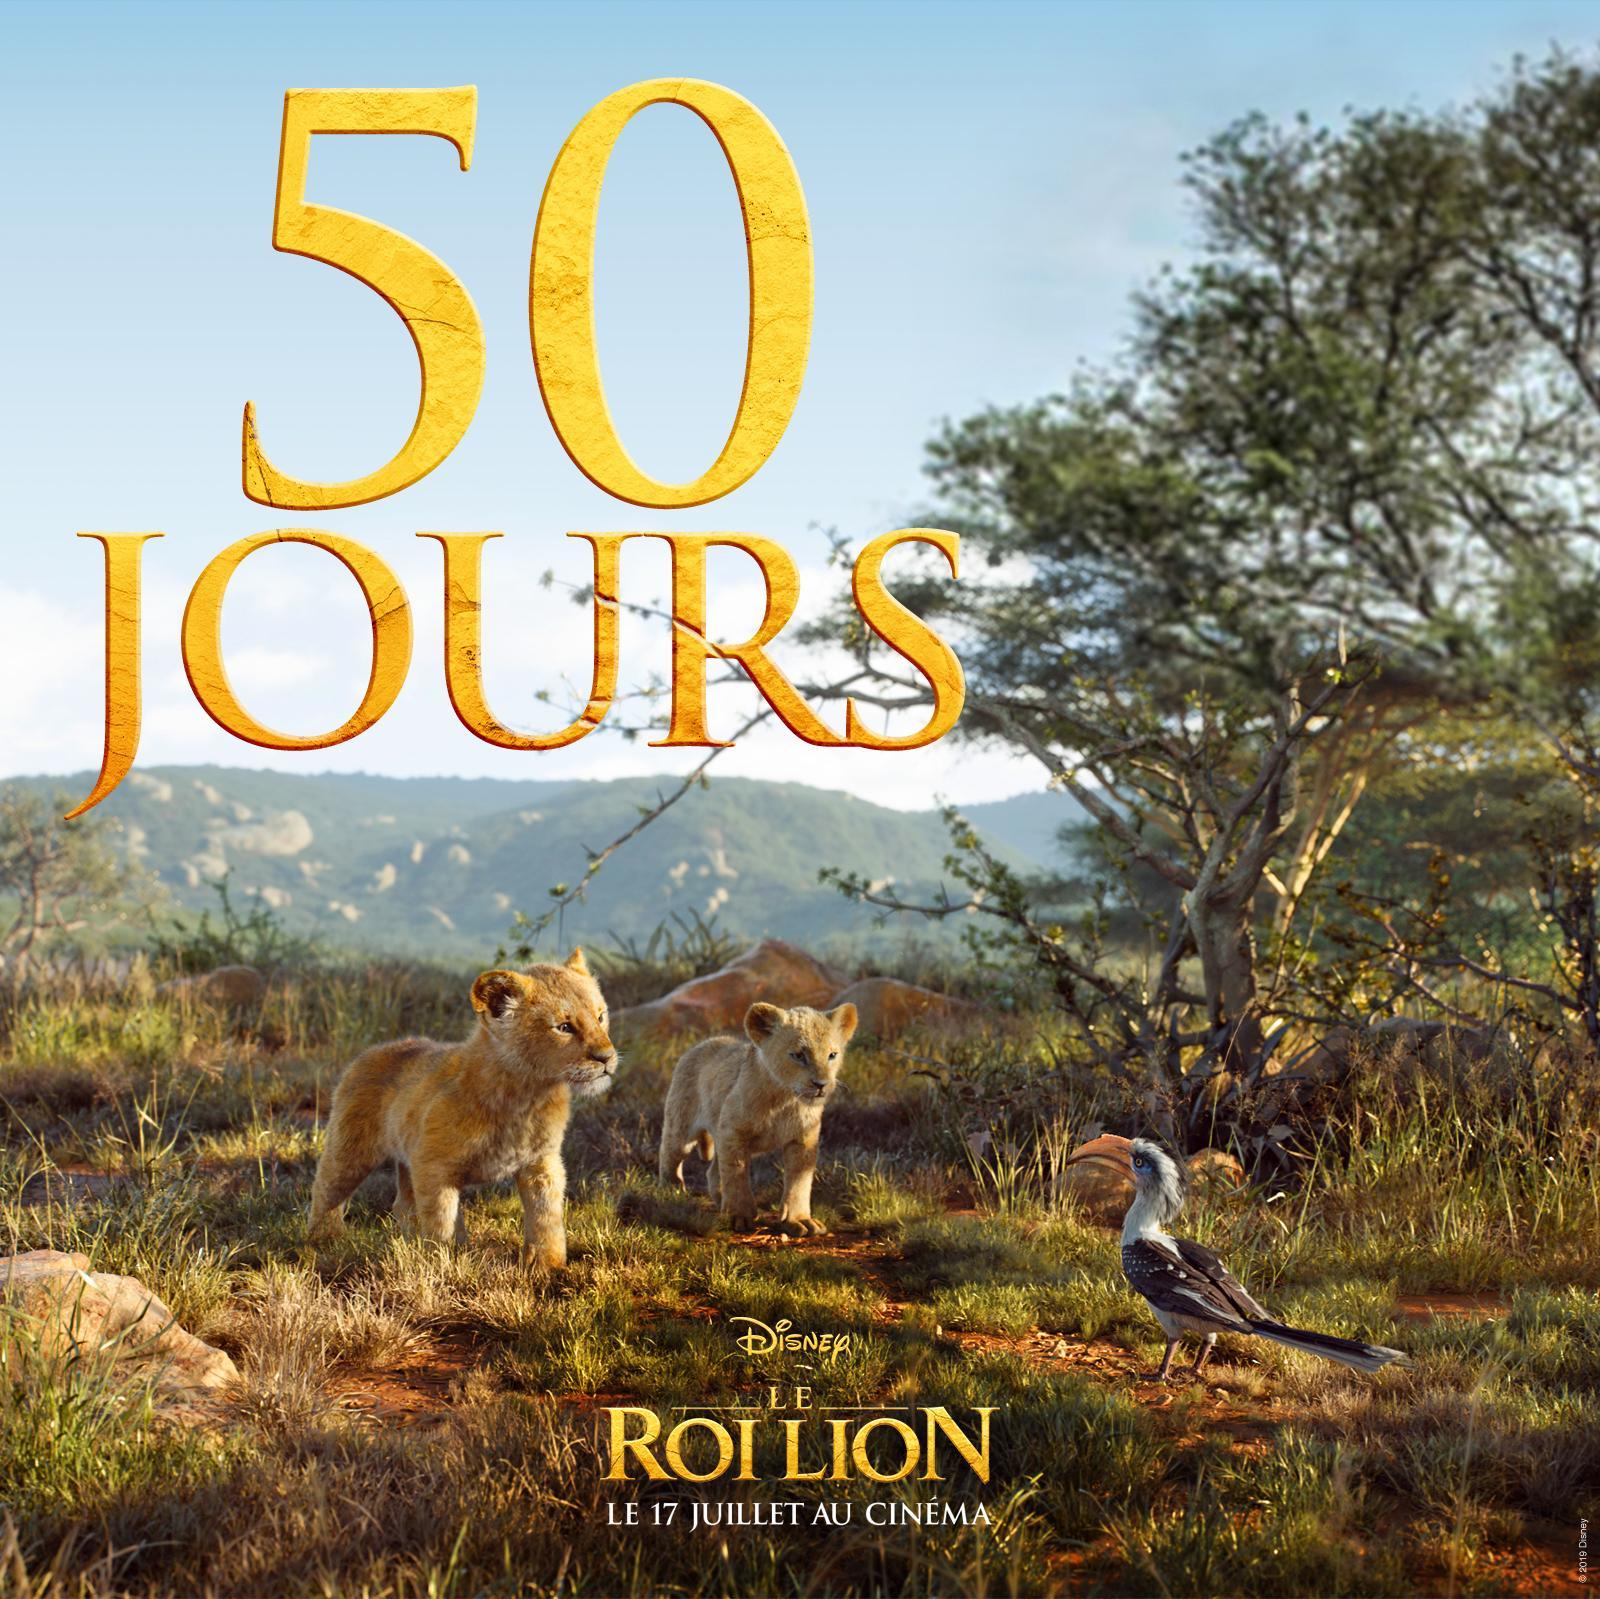 Le Roi Lion [Disney - 2019] - Page 20 D7pVPyYWkAAZqBW